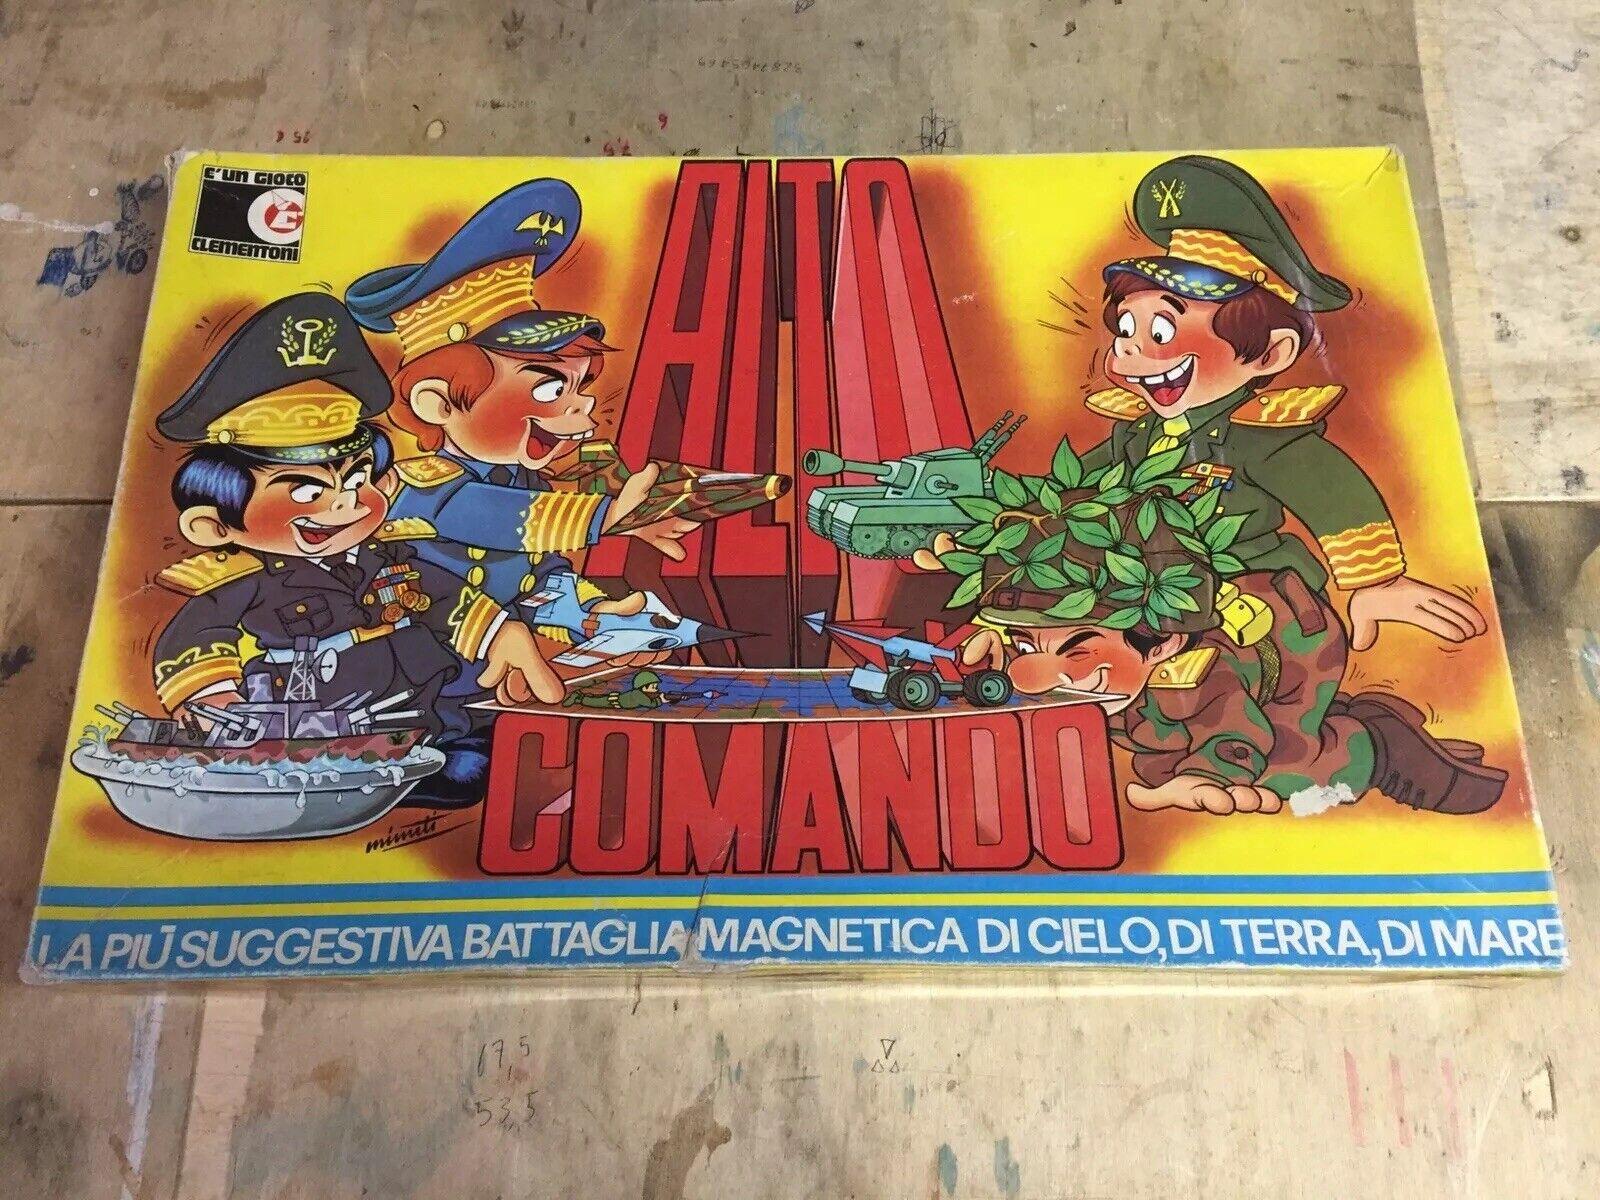 Alto Couomodo Clementoni COMPLETO Gioco Da Tavolo  Vintage  spedizione veloce e miglior servizio